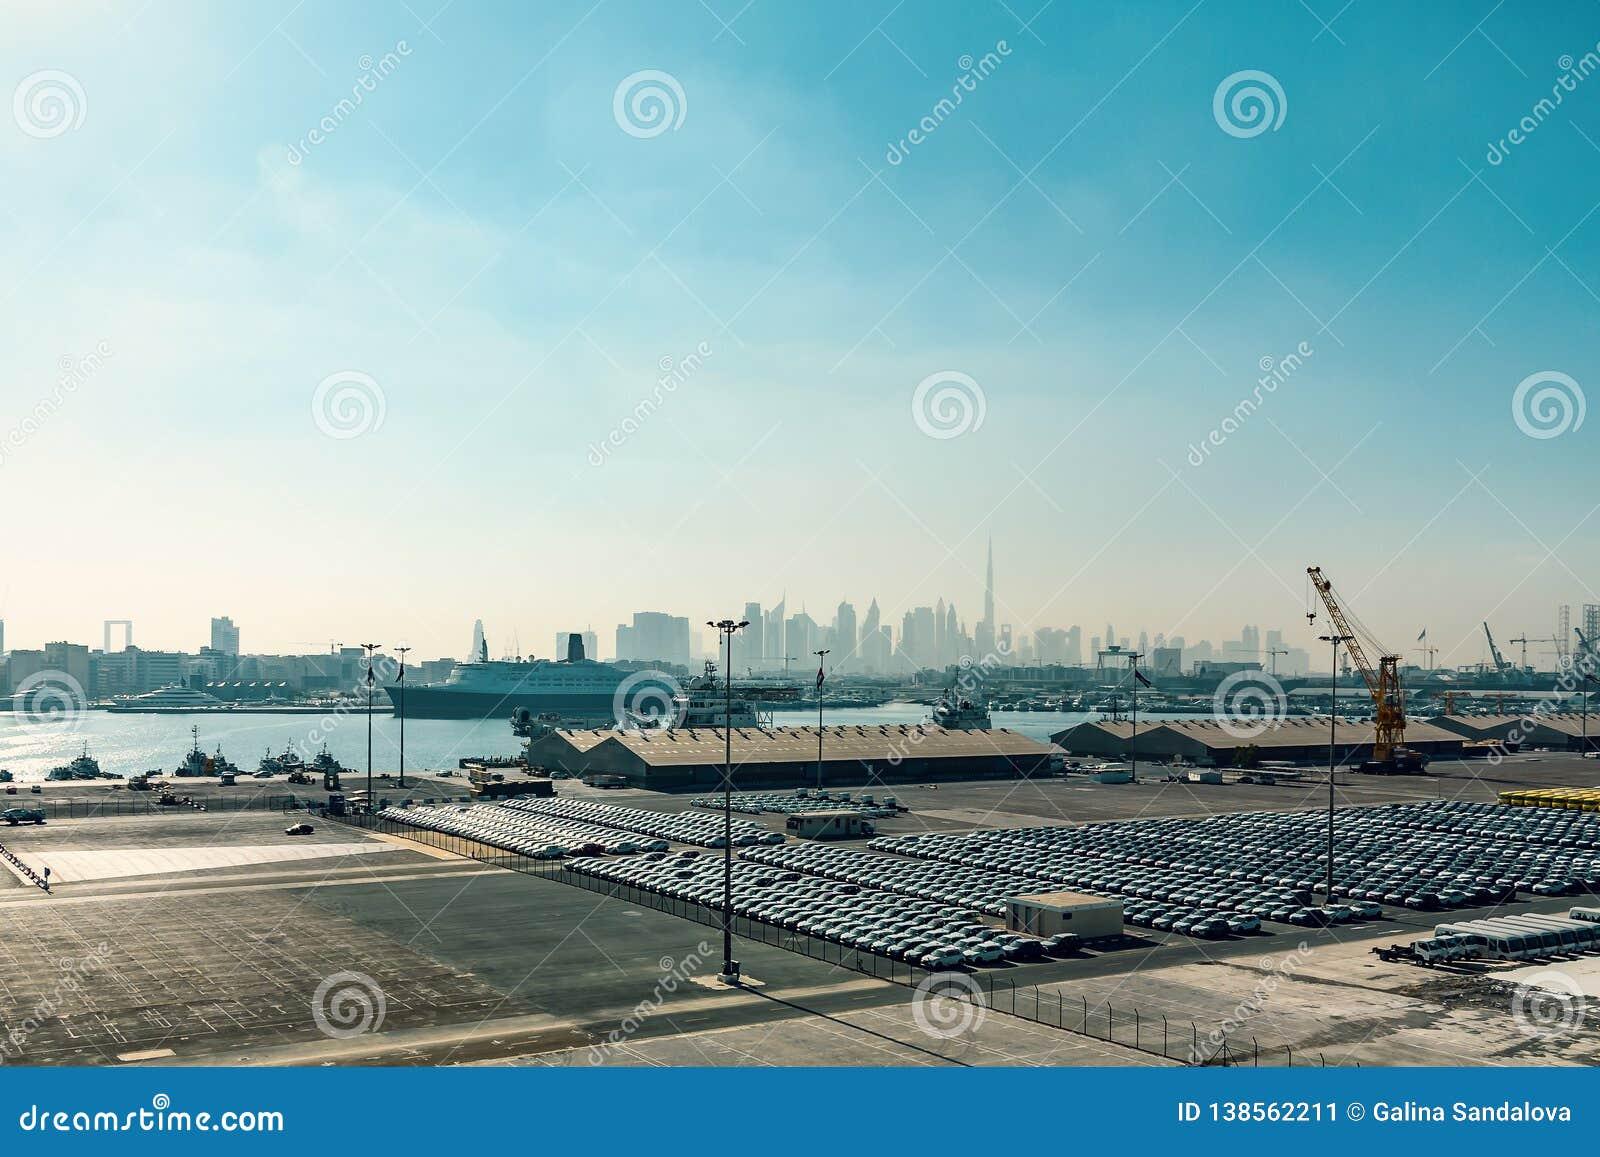 Dubai, United Arab Emirates - 12 de diciembre de 2018: Puerto del cargo del mar, visión panorámica desde un trazador de líneas de